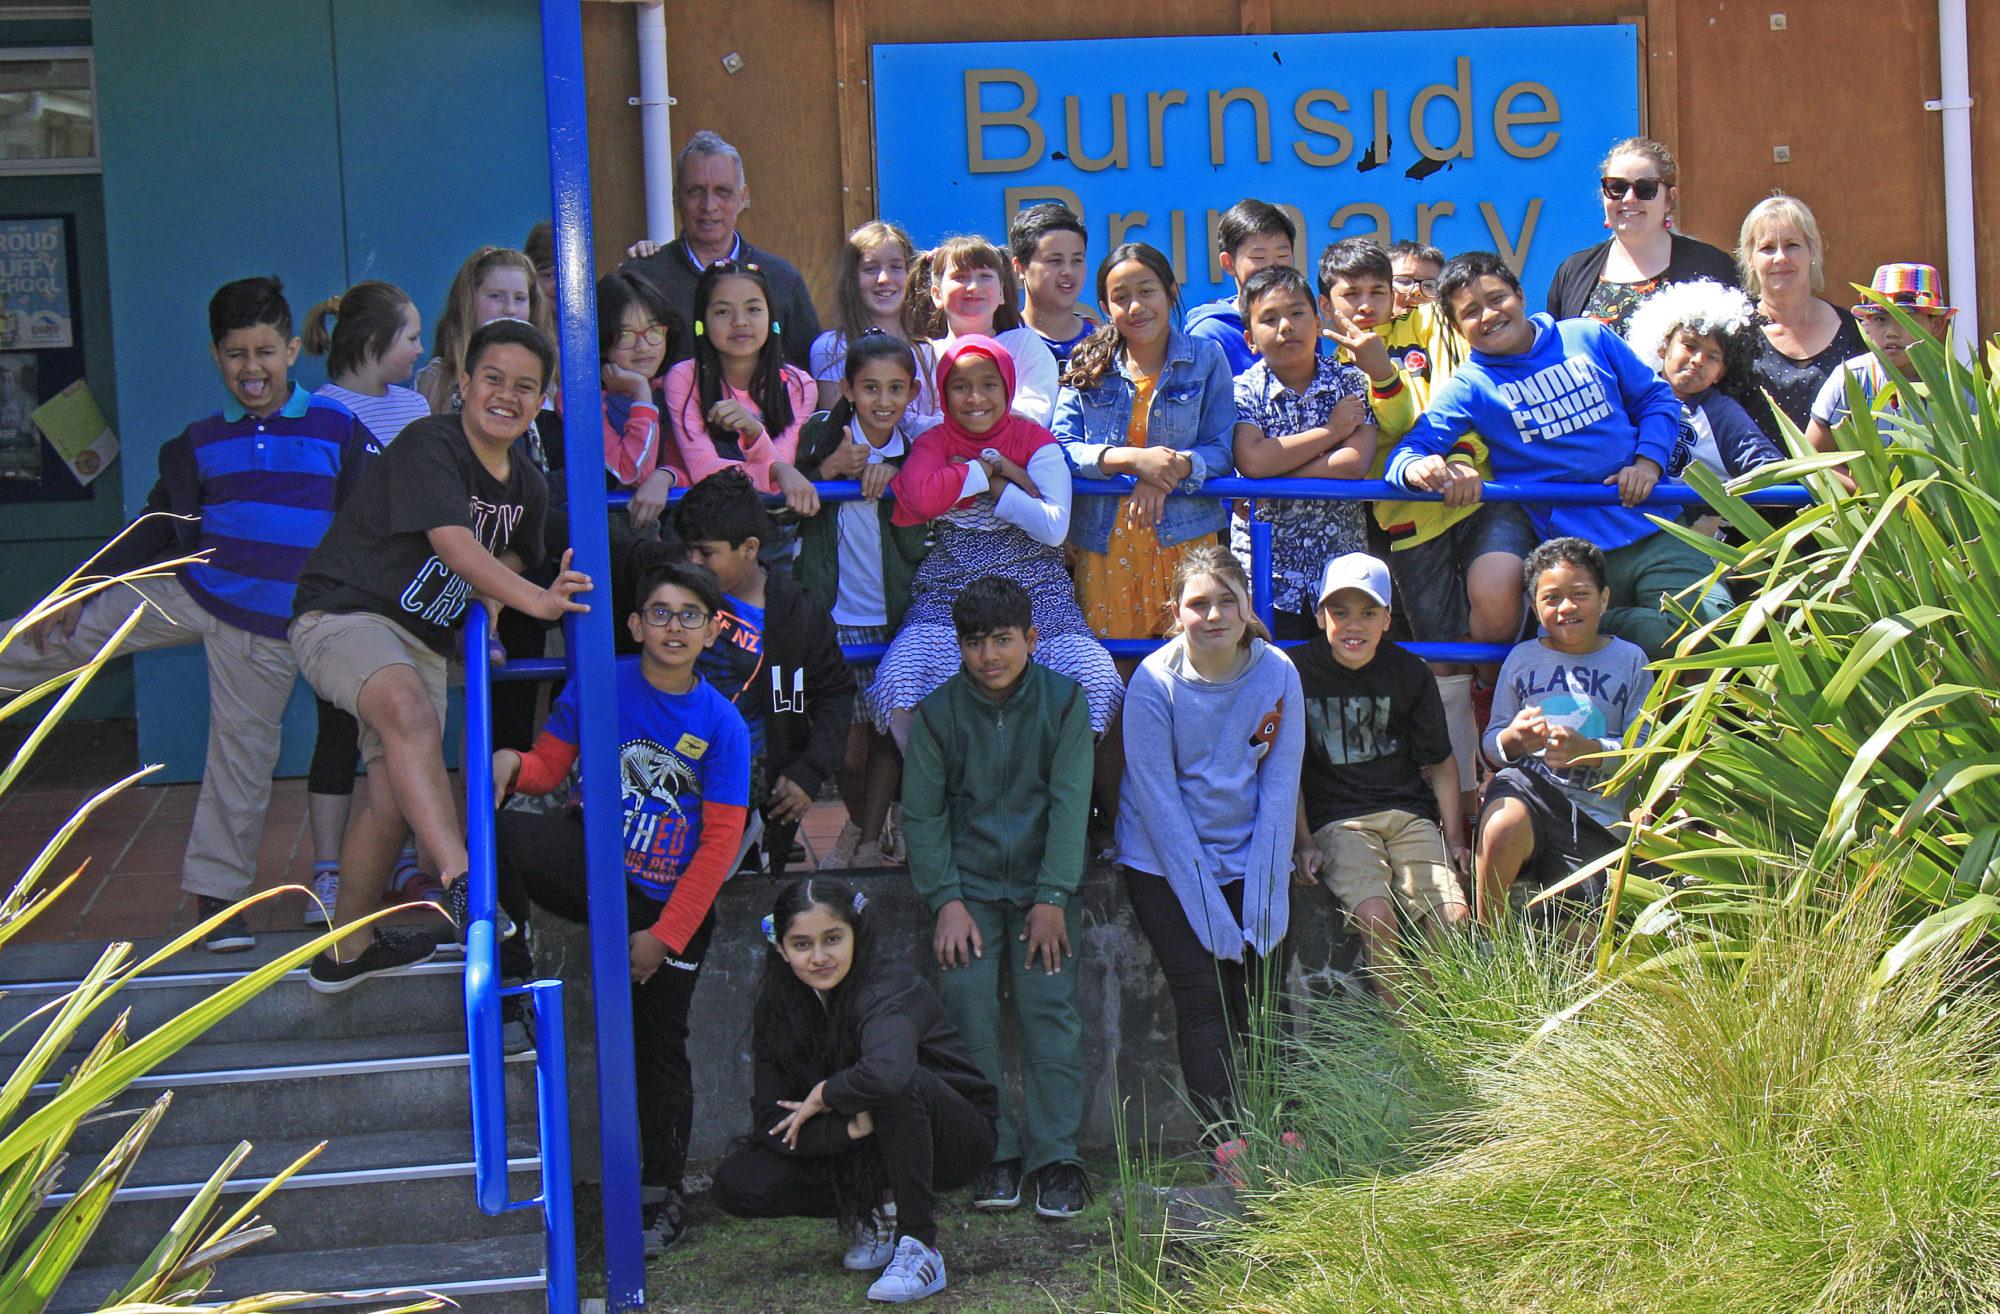 Images of schoolchildren from Burnside Primary School in Christchurch.